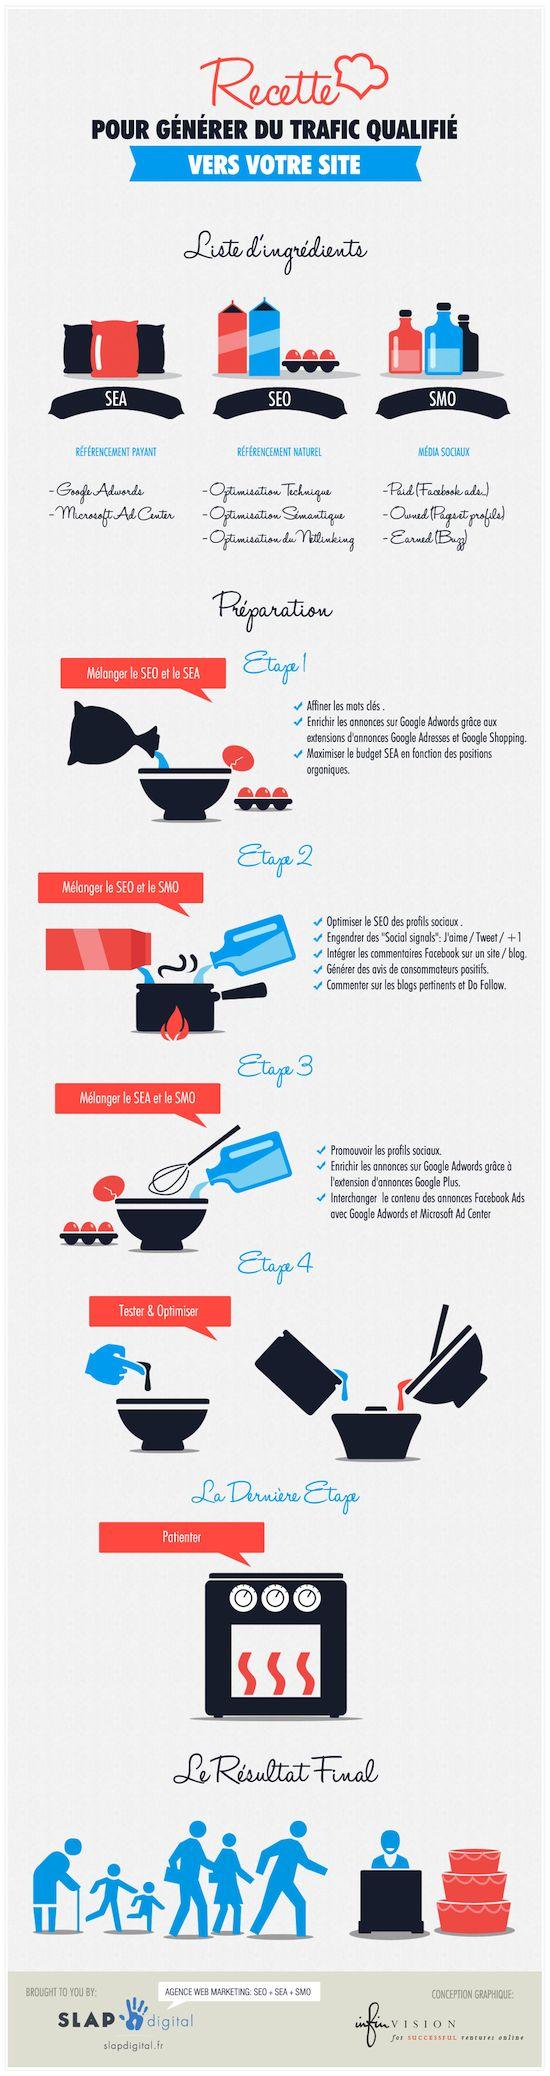 La recette du traffic qualifié pour votre site web.